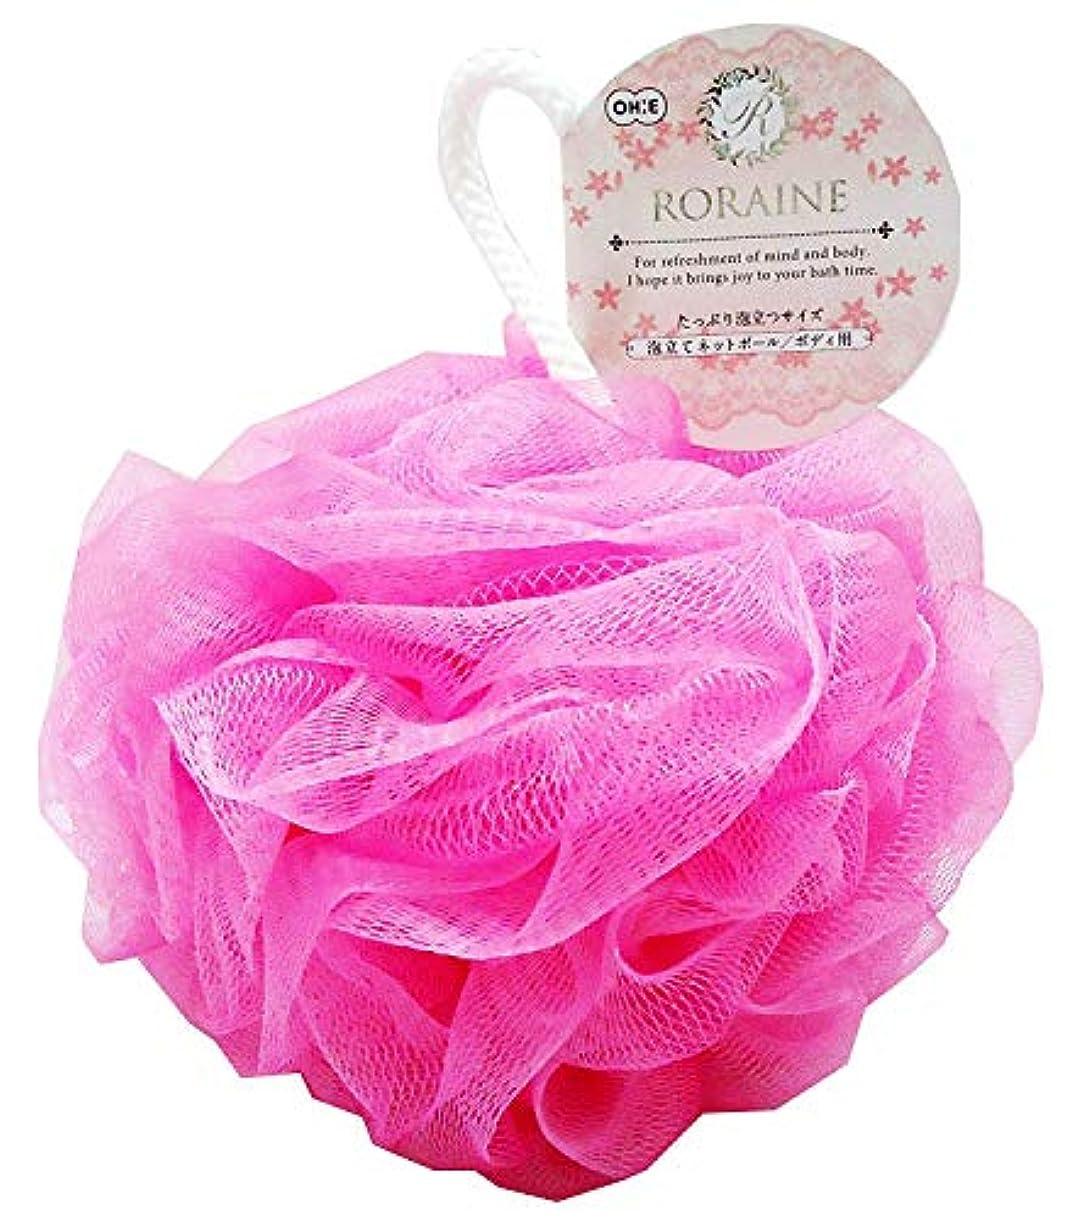 セラフ要件破滅的なオーエ ボディスポンジ ロレーヌ 泡立てネットボールボディ用 ピンク 約22×12.5×12.5cm 1個